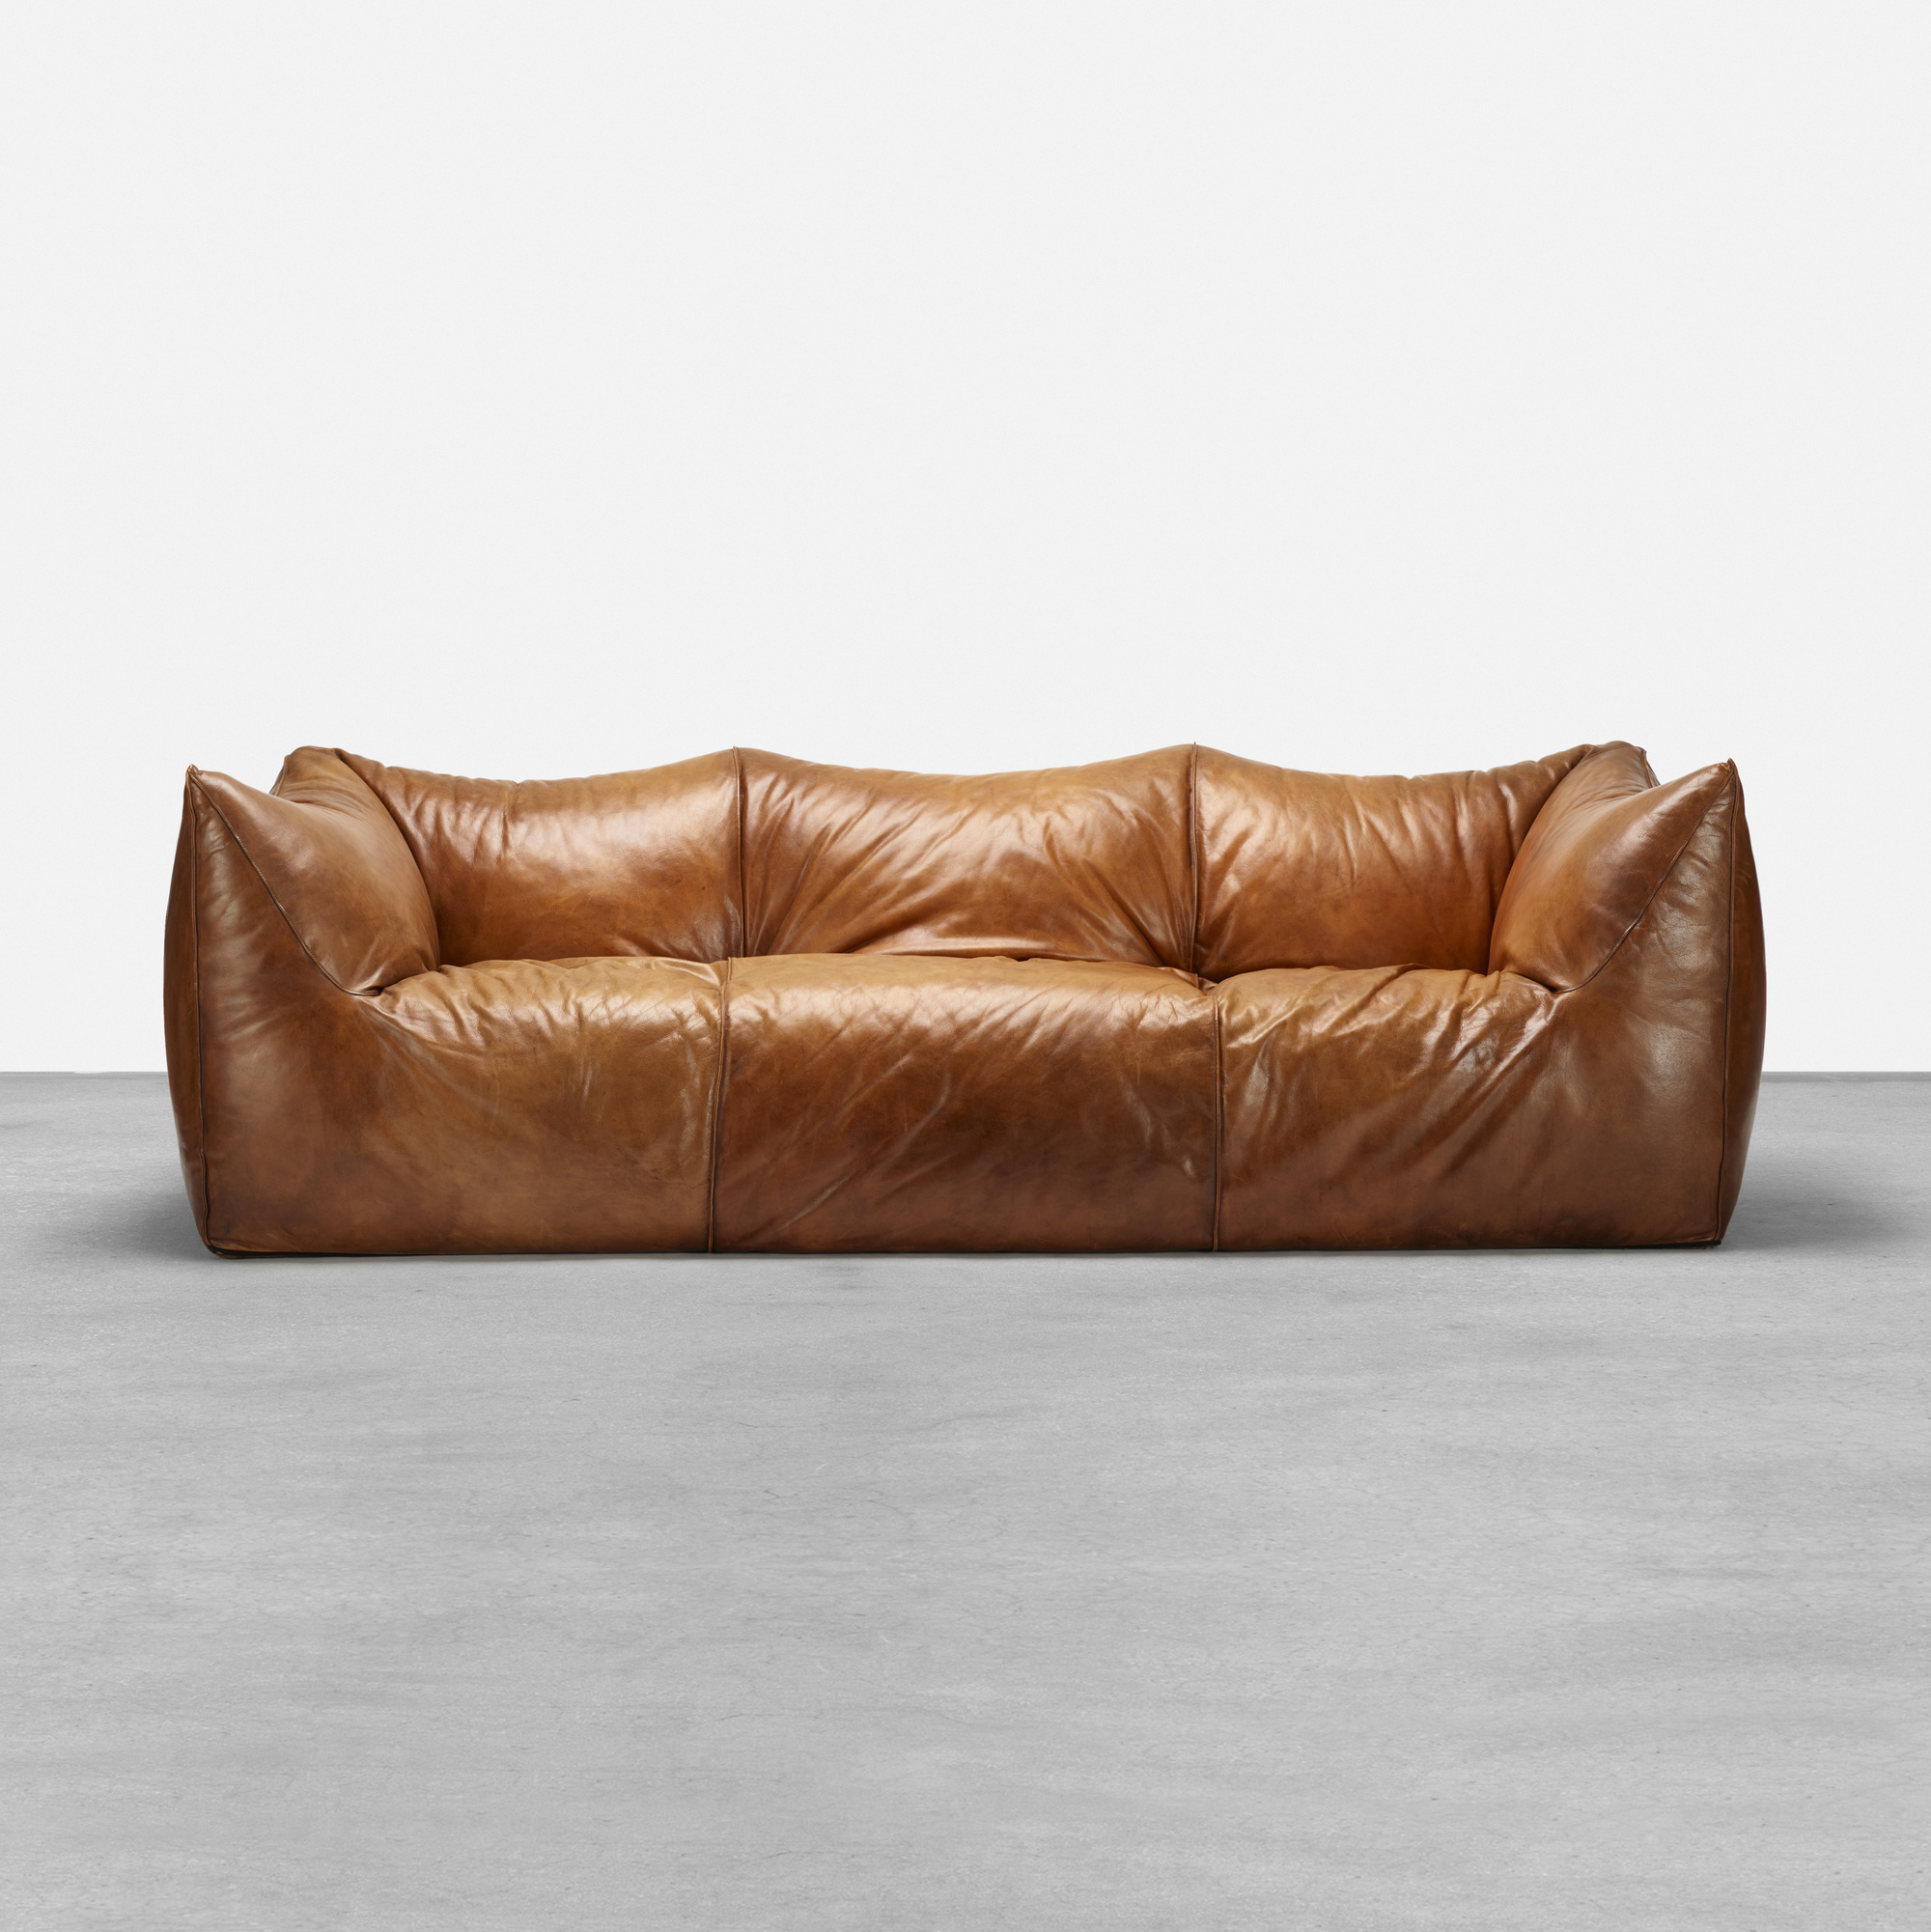 261: Mario Bellini / Le Bambole sofa (1 of 2)